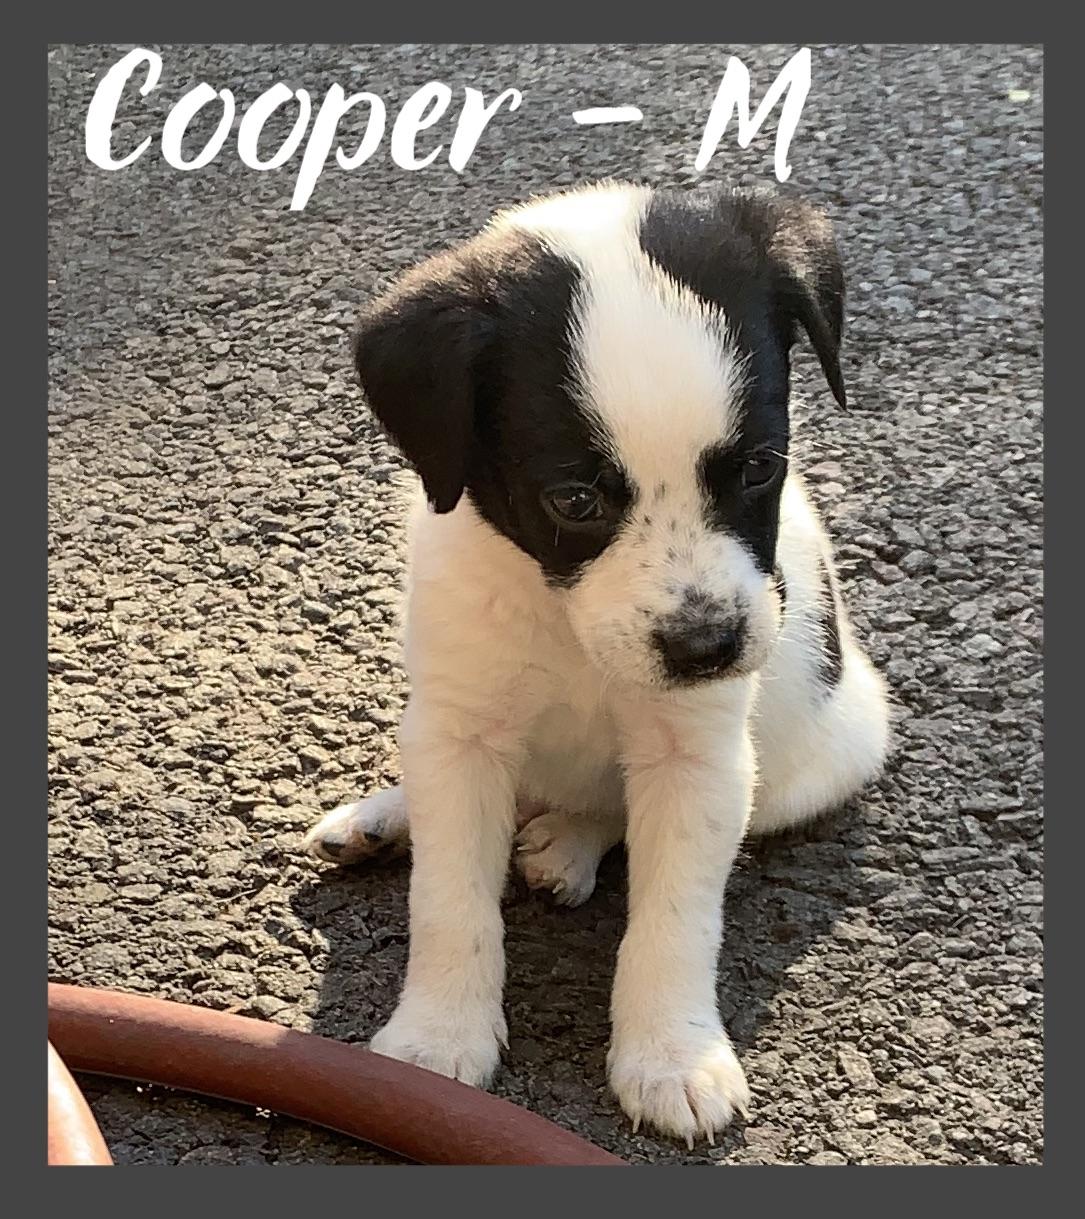 PENDING - Cooper - M